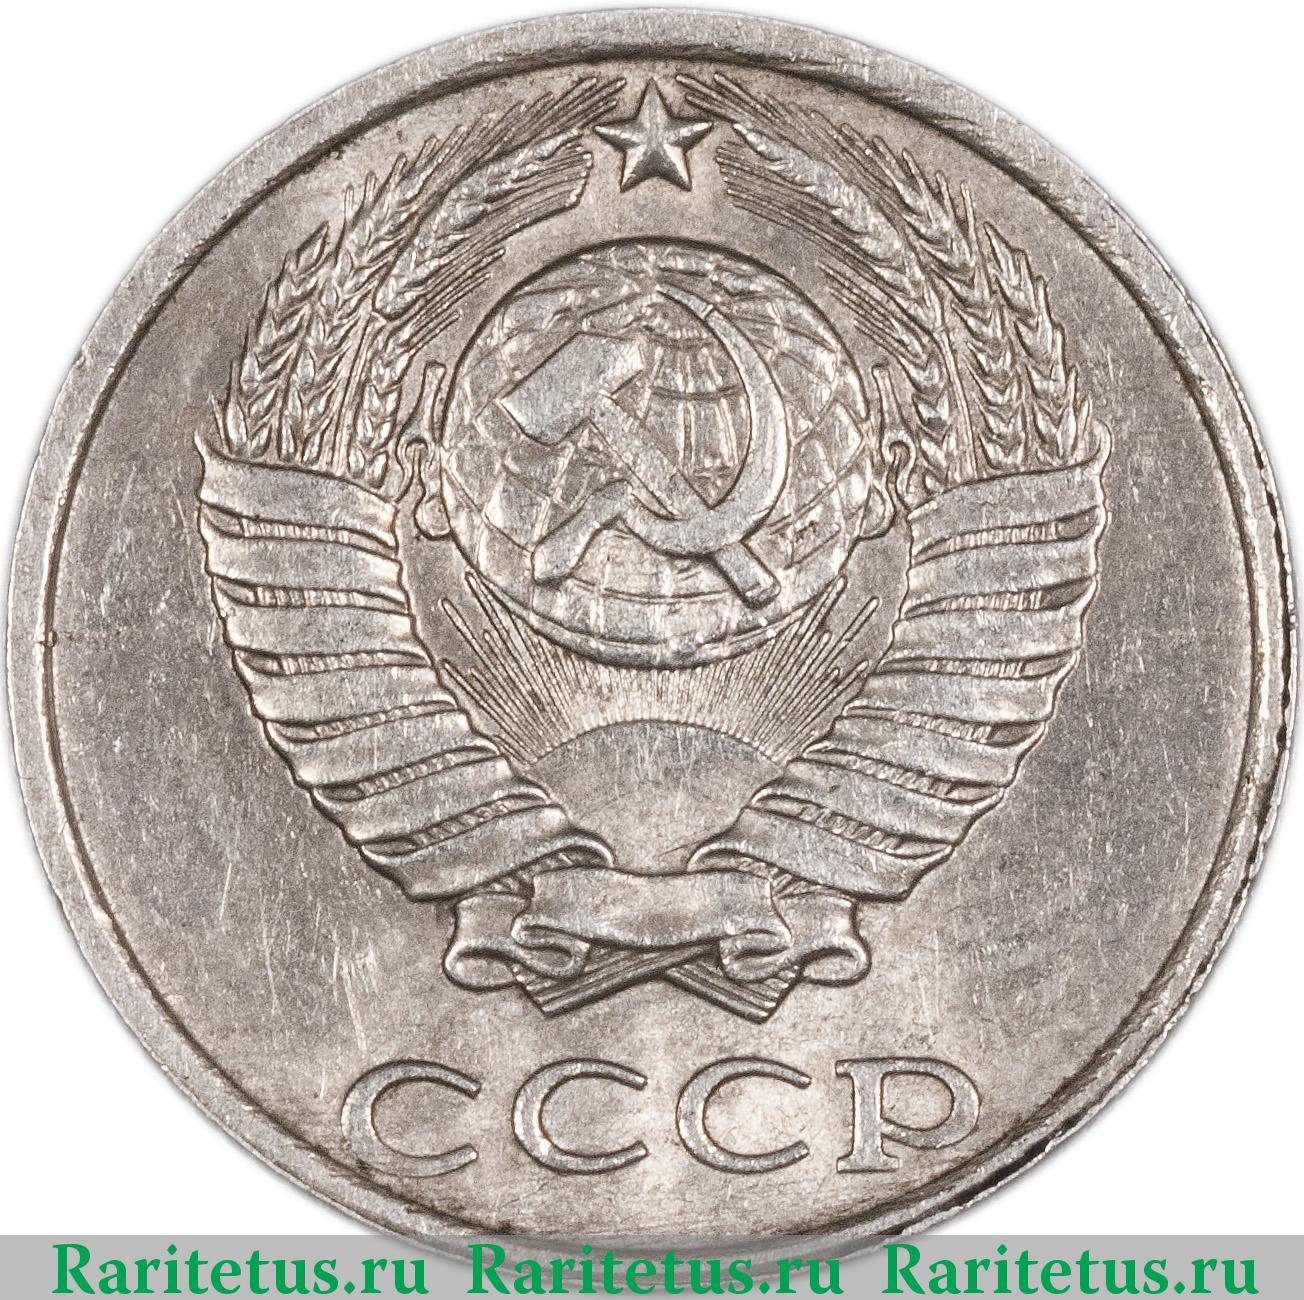 Мелкие монеты 6 букв сколько стоит монета 2018 года футбол